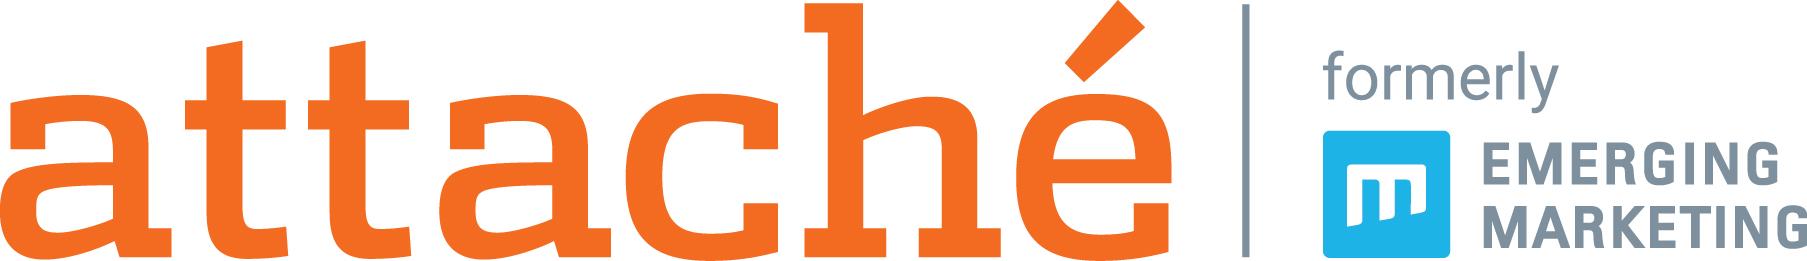 Attache transition logo